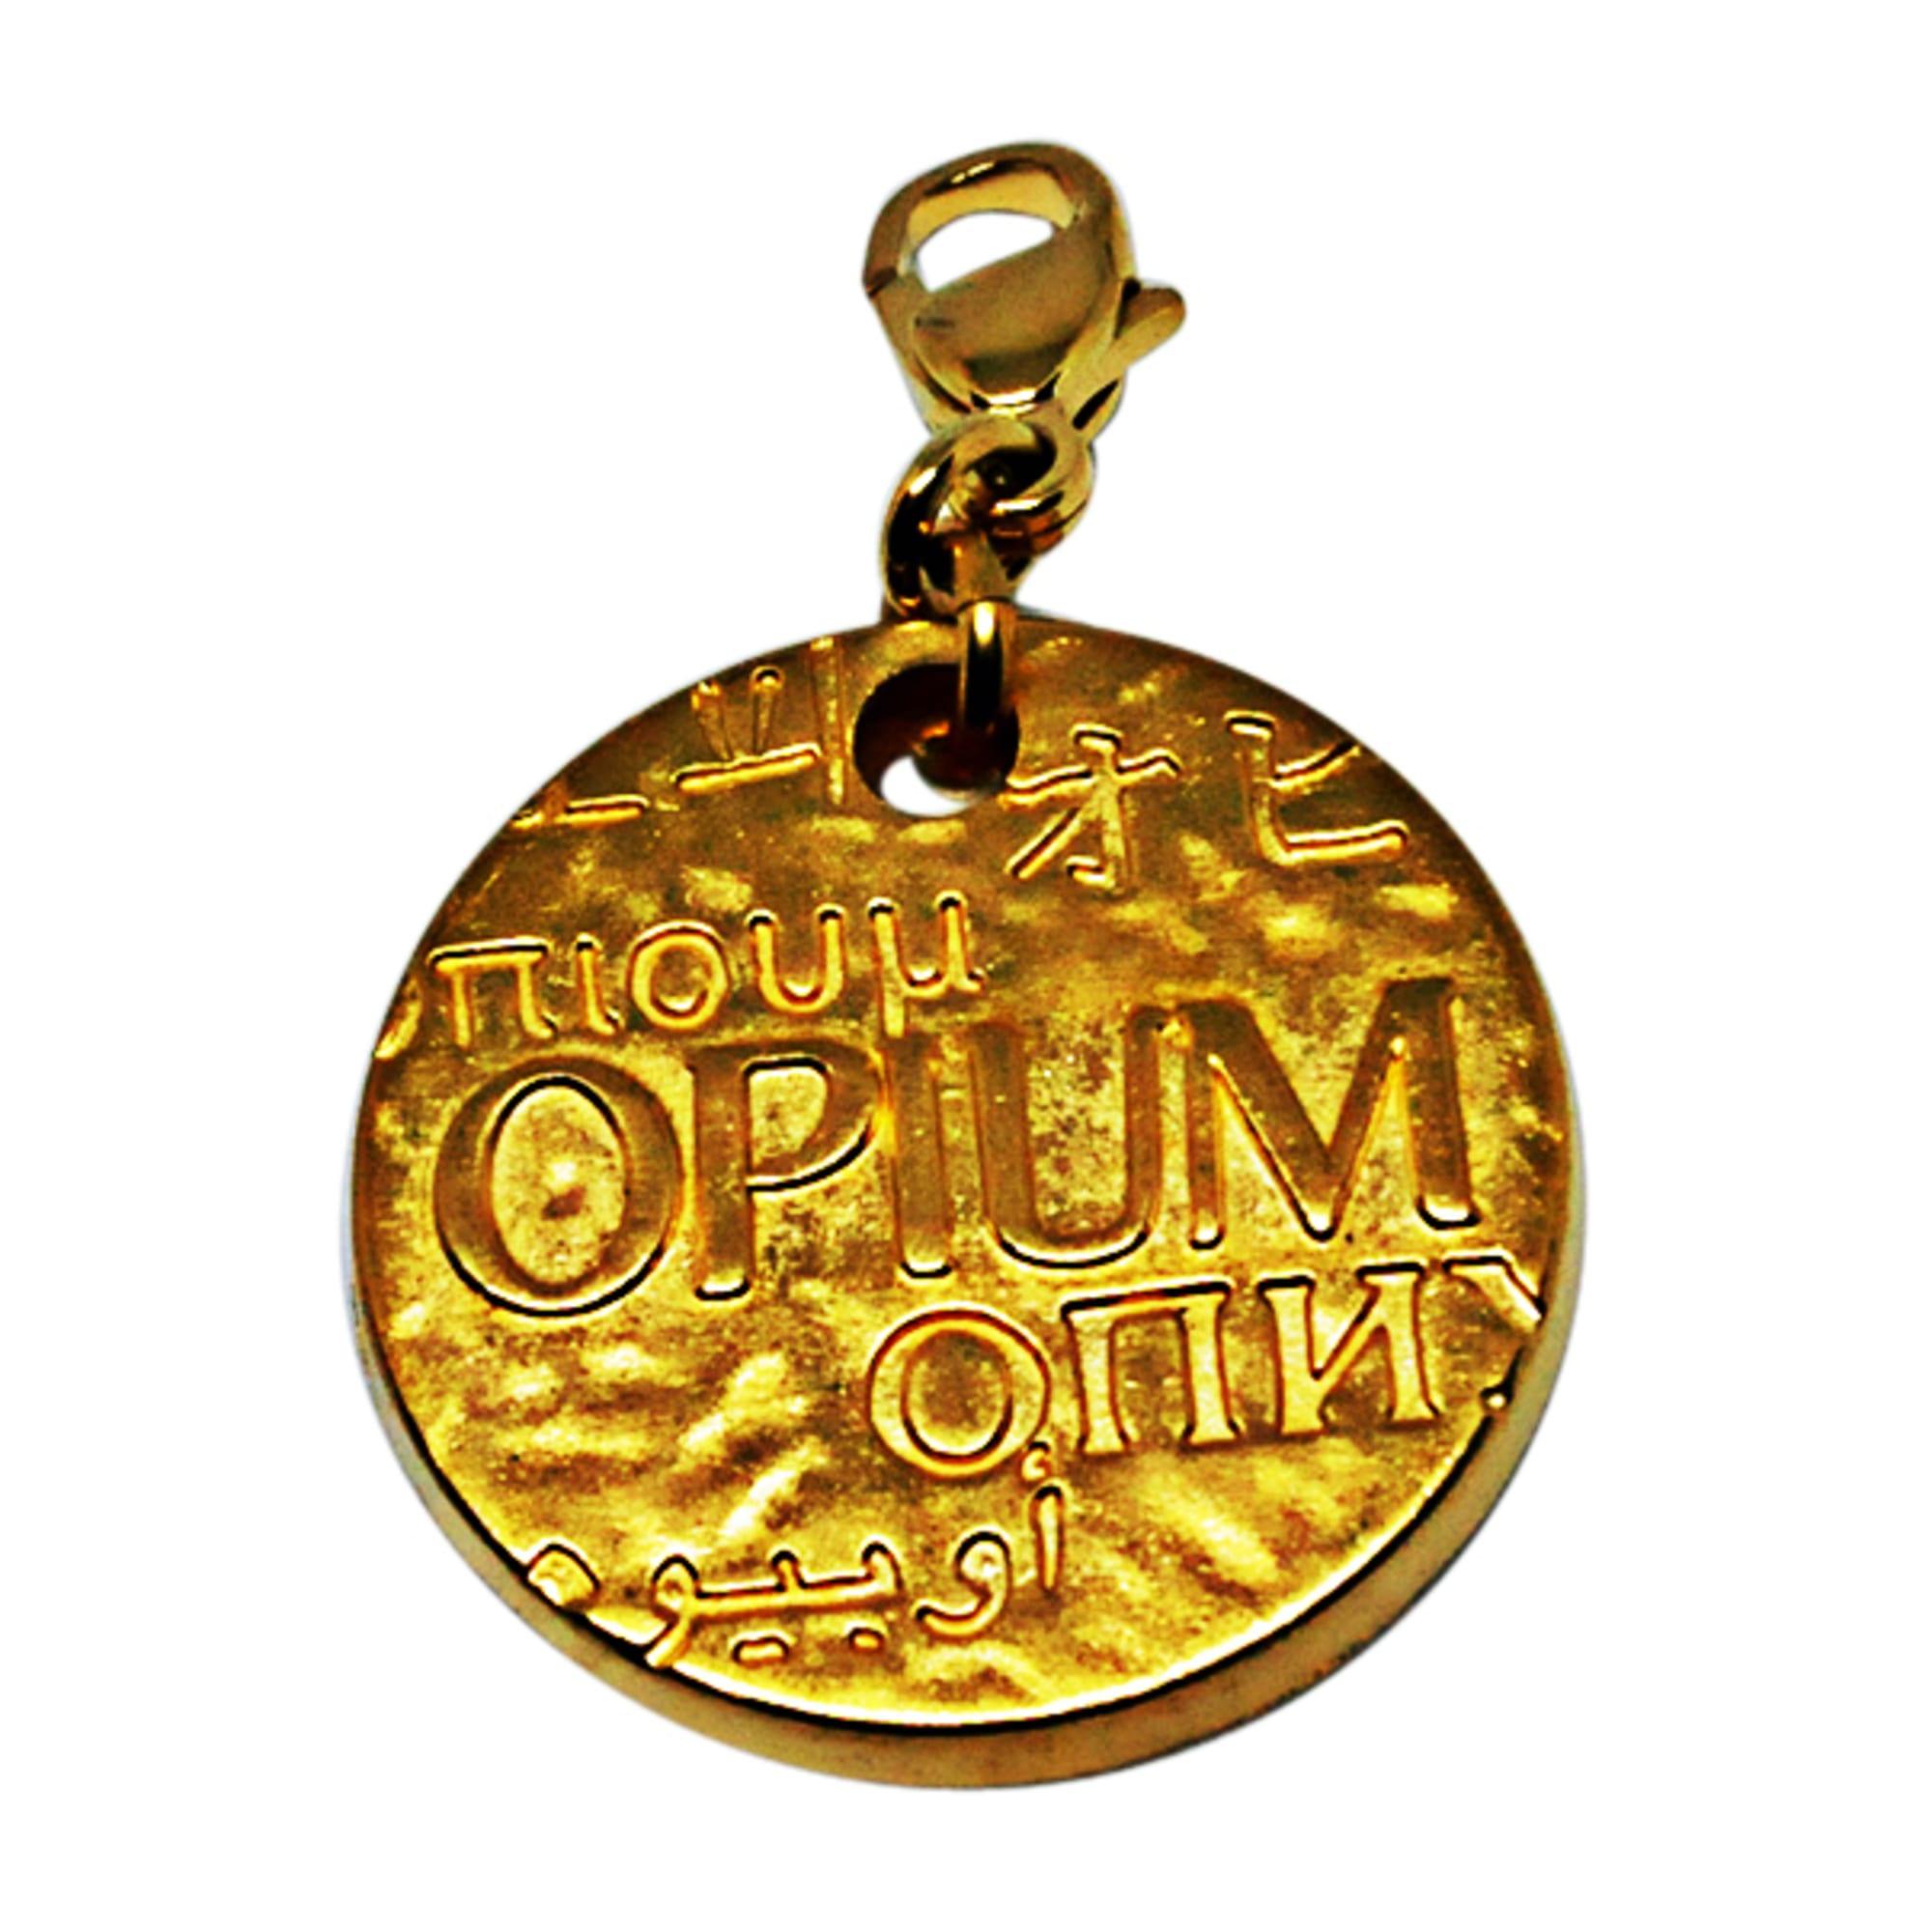 97b2aff46e3 Pendant, Pendant Necklace YVES SAINT LAURENT Golden, bronze, copper